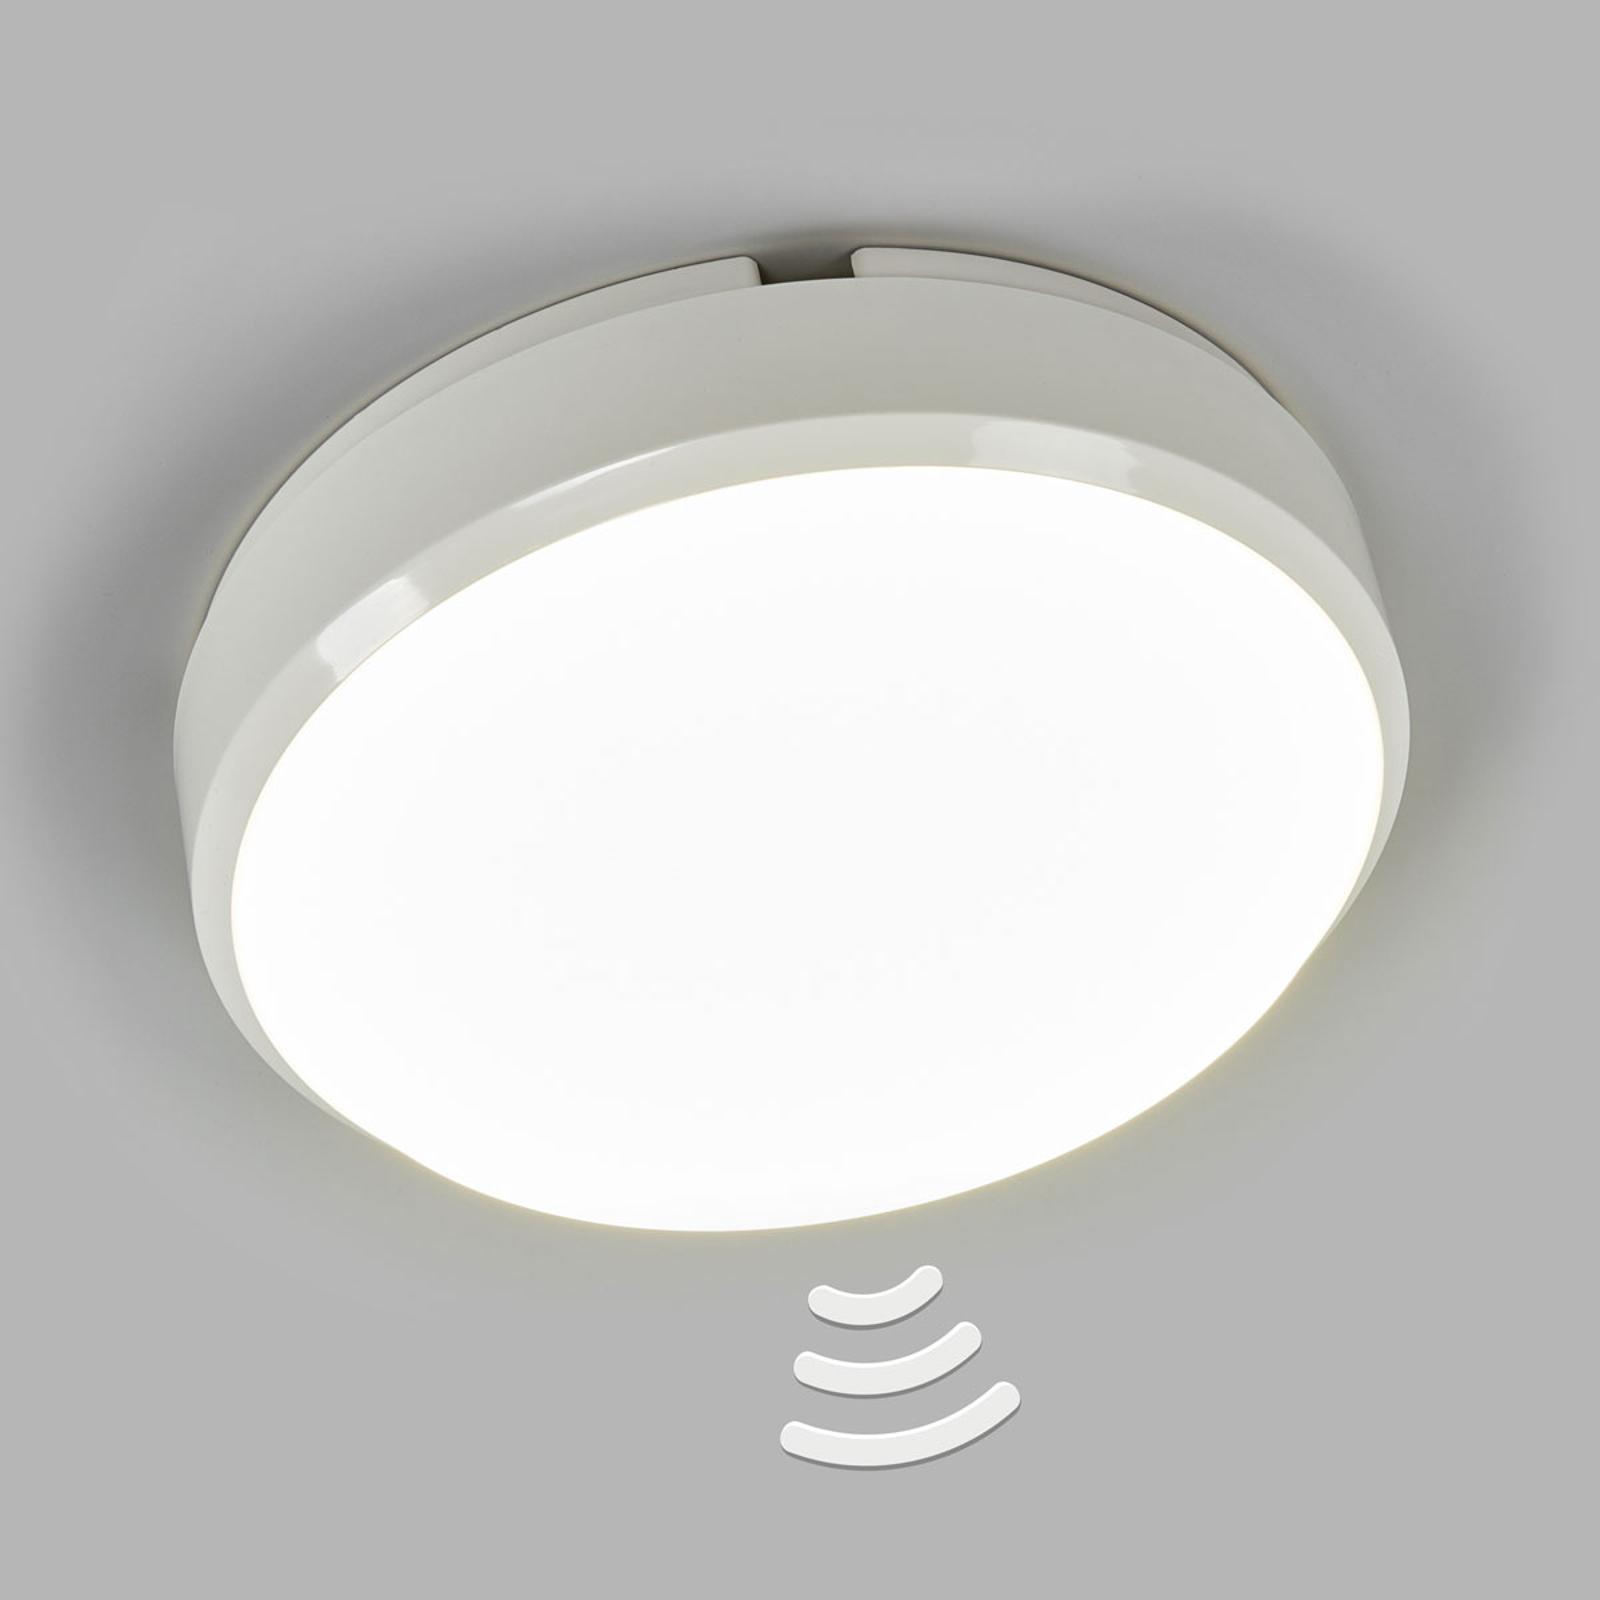 Kulaté LED stropní svítidlo Bulkhead se senzorem